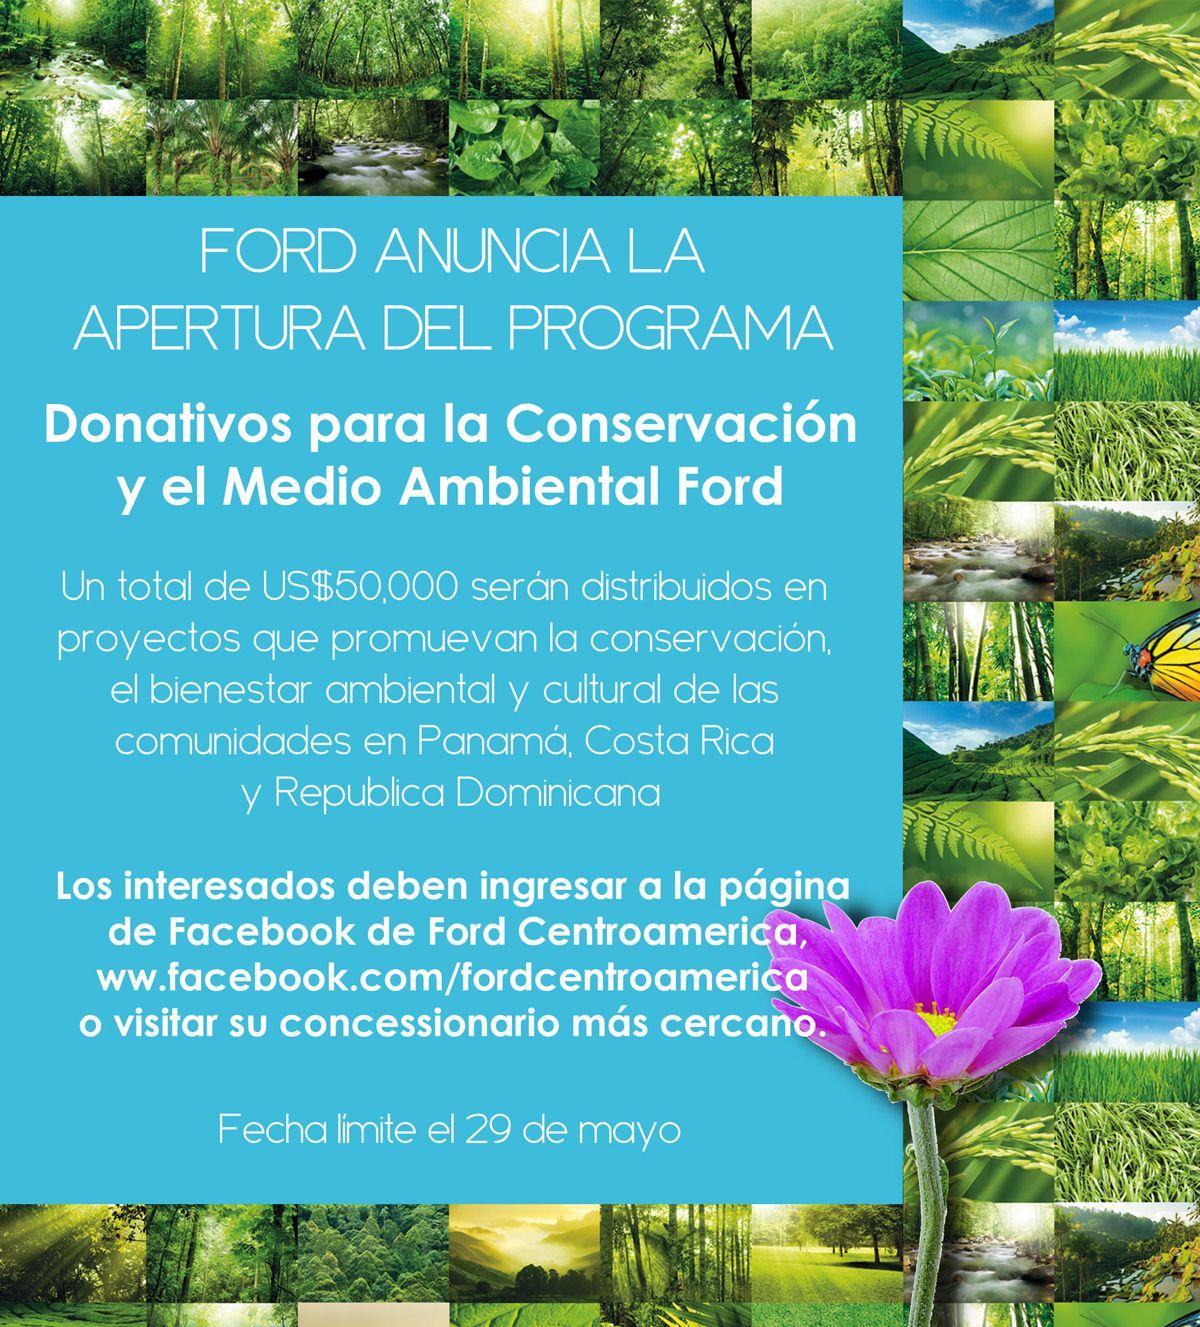 Ford abre convocatoria para la 14a edición del programa Donativos para la Conservación y el Medio Ambiente.